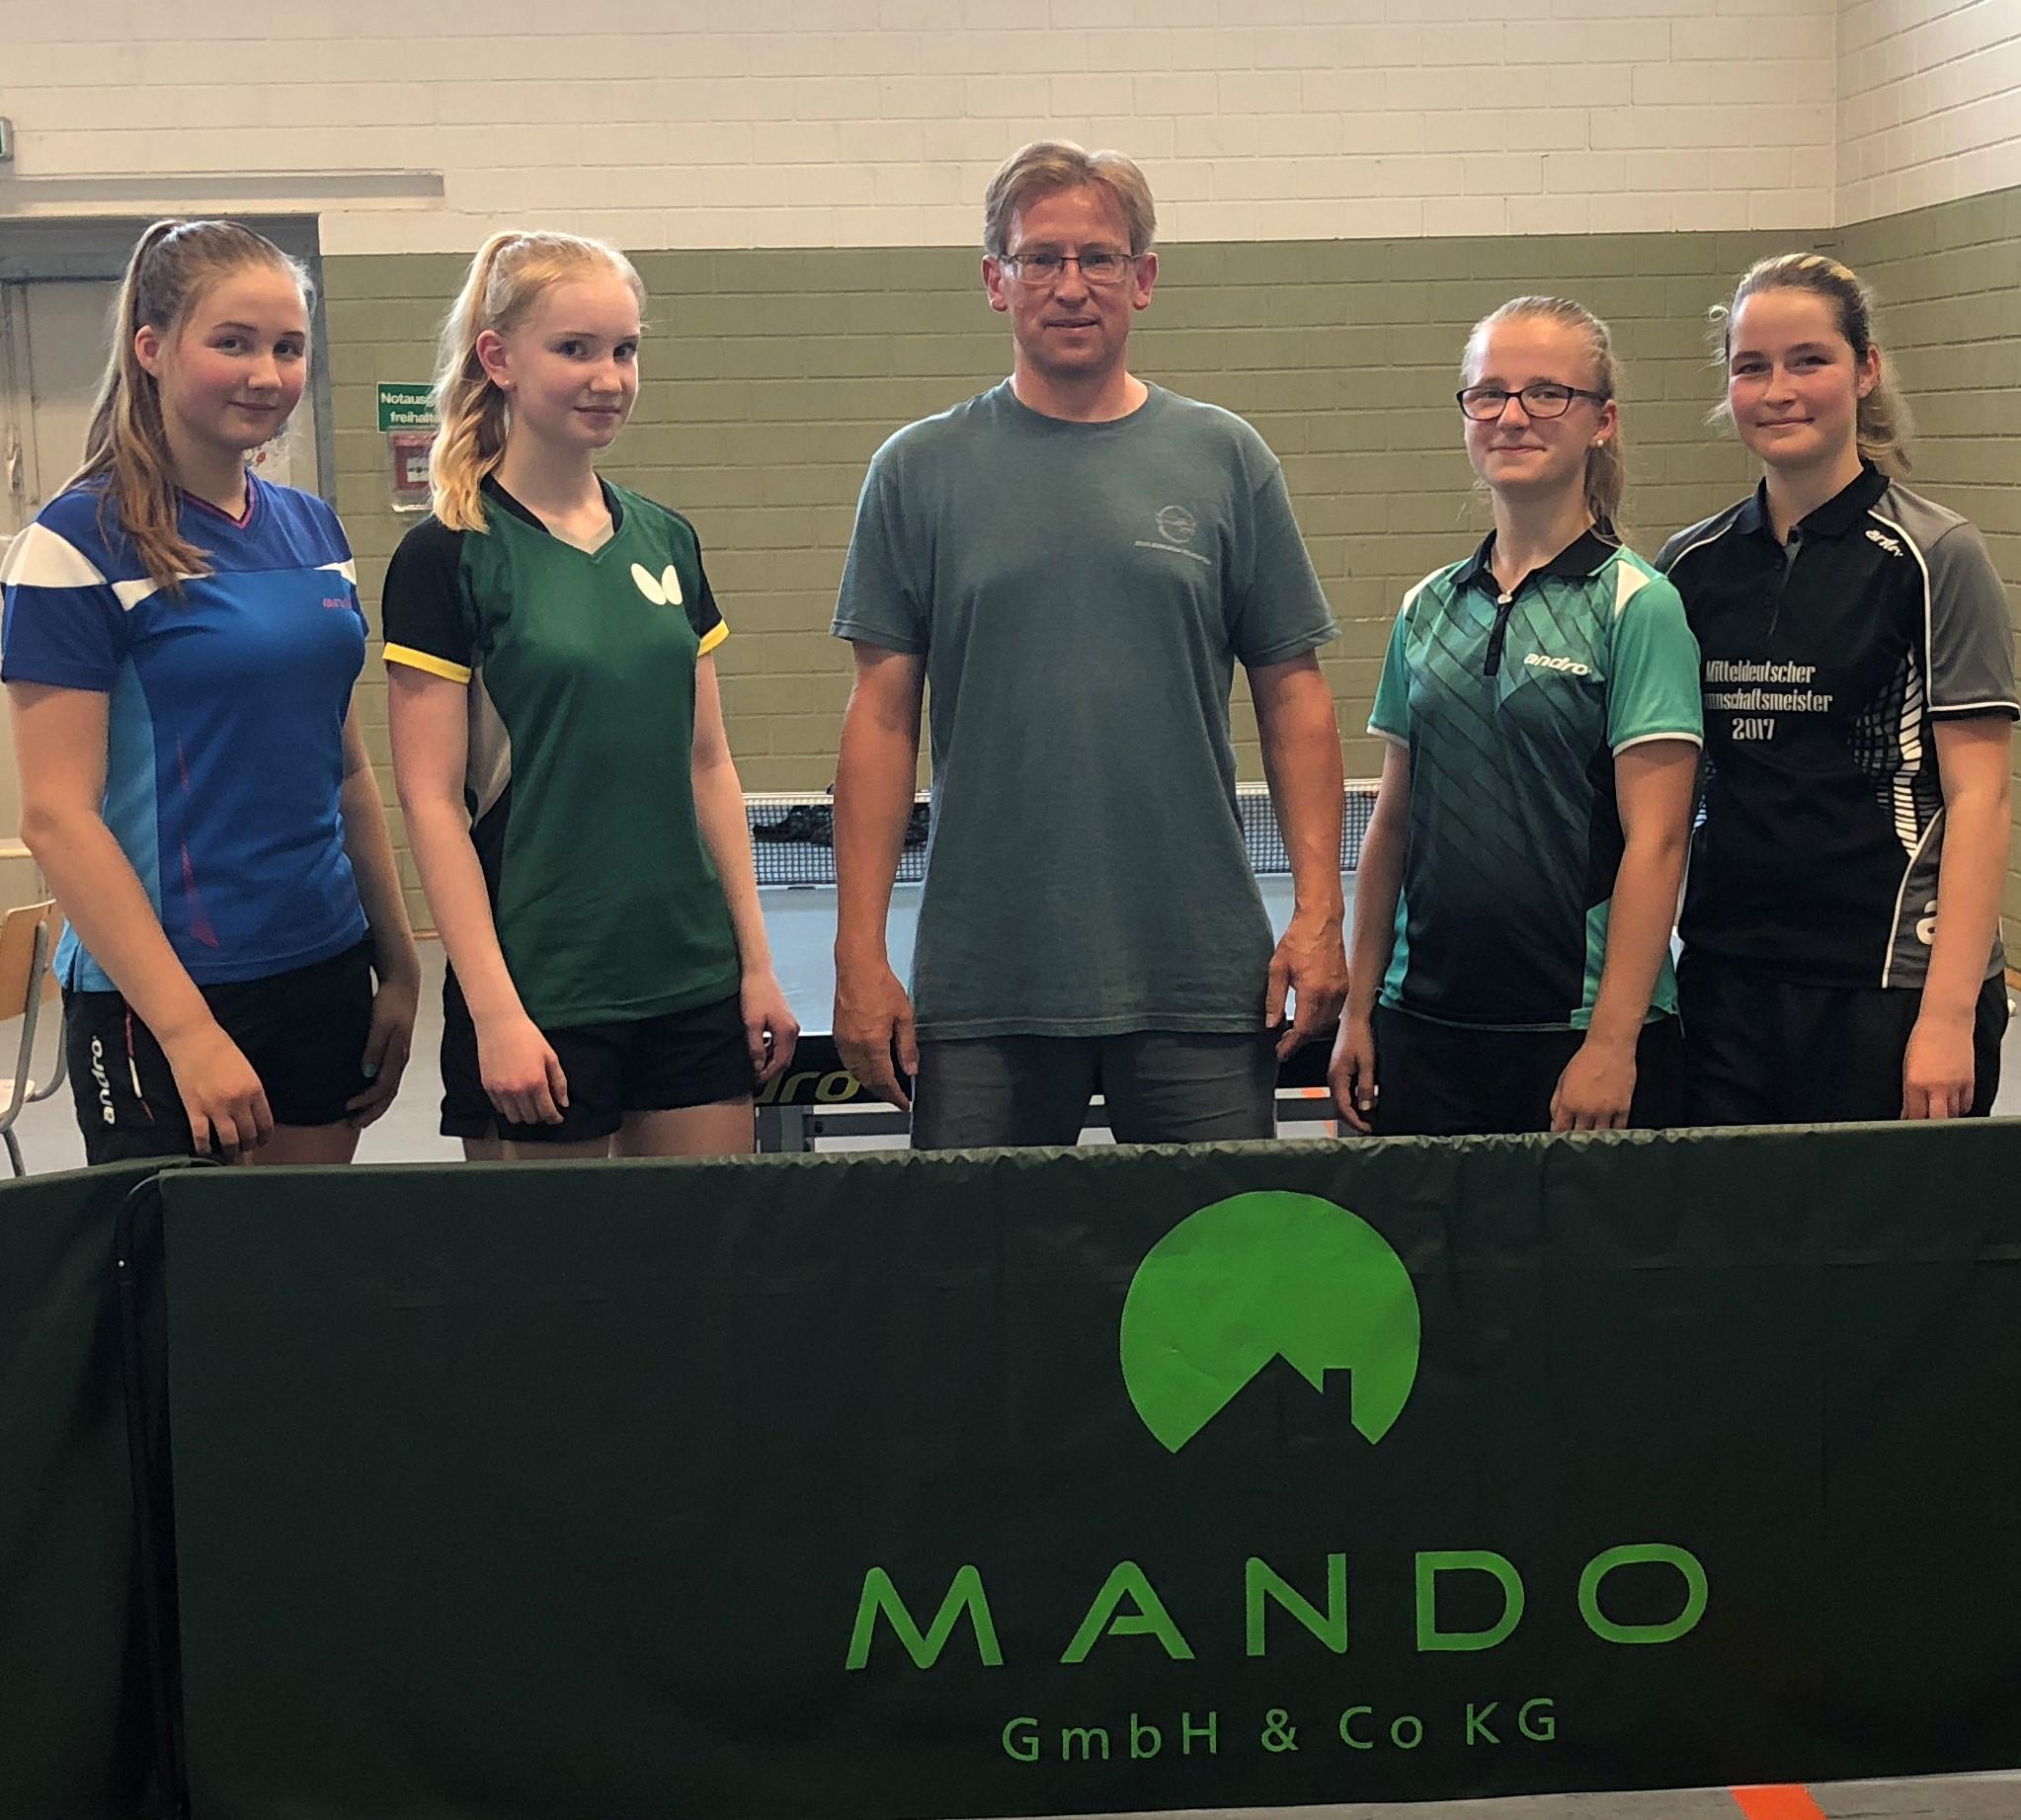 Firma MANDO unterstützt Nachwuchsarbeit bei der DJK TTV Biederitz ! Vielen Dank !